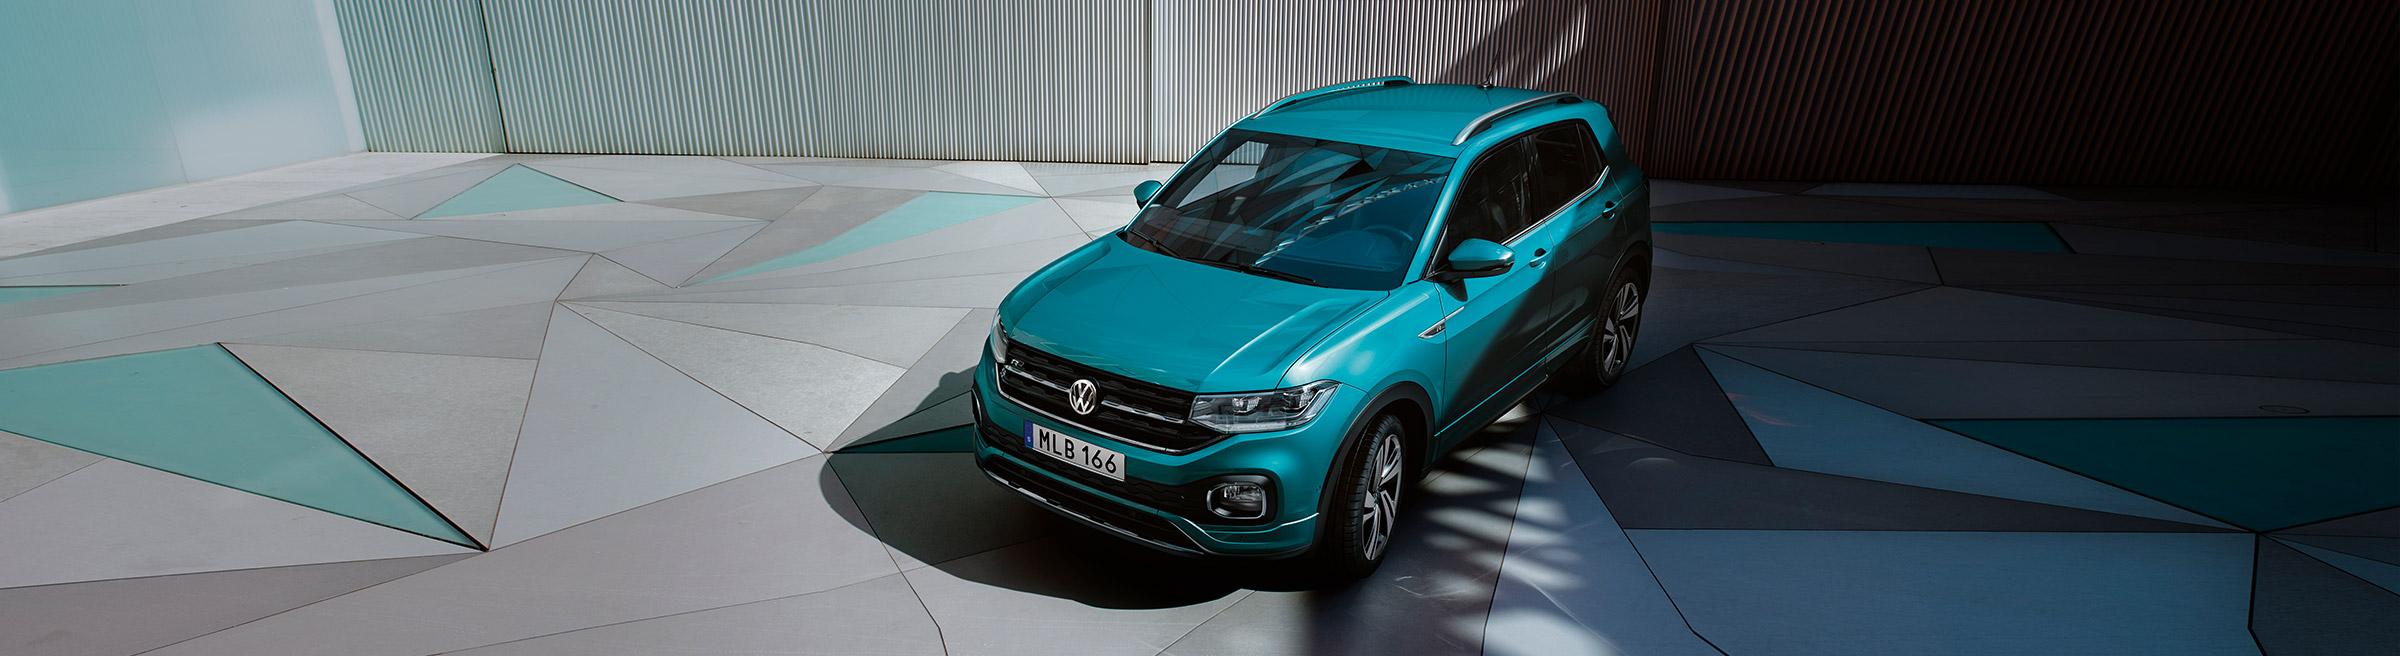 Nya Volkswagen T-Cross beställningsbar